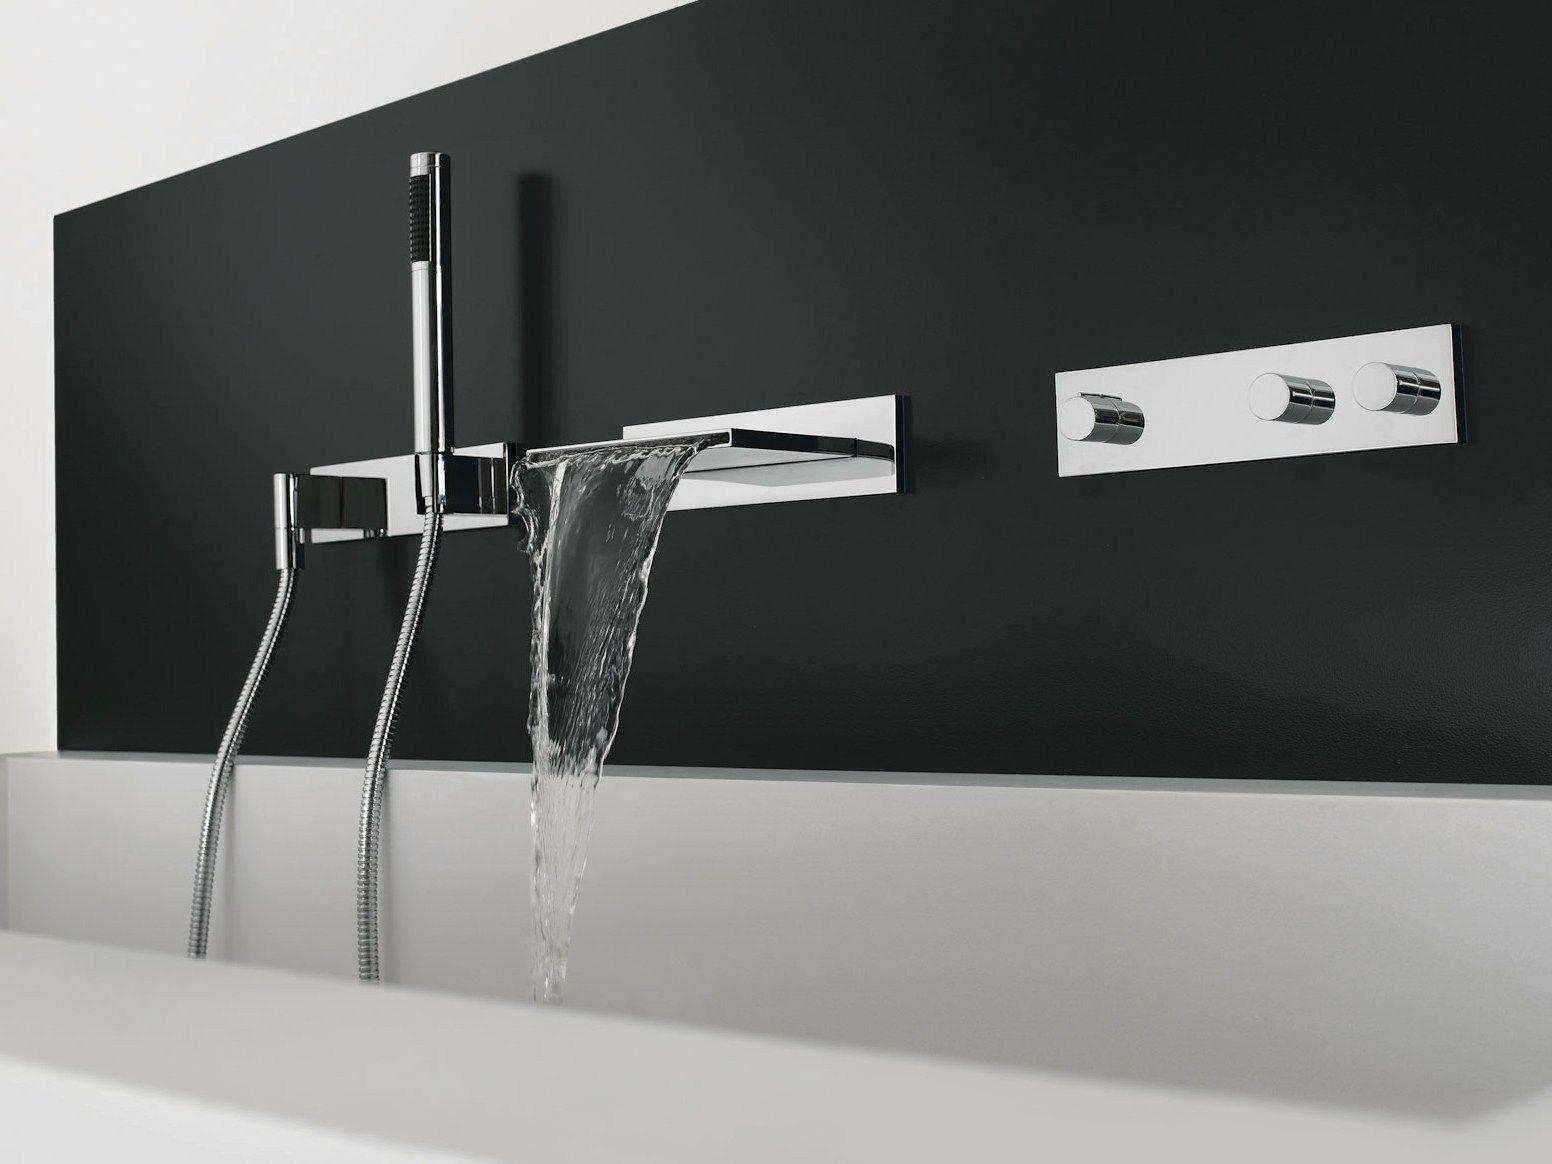 Badewannenarmaturen  Chromierte Badewannenarmatur mit Umsteller zur Wandmontage ...